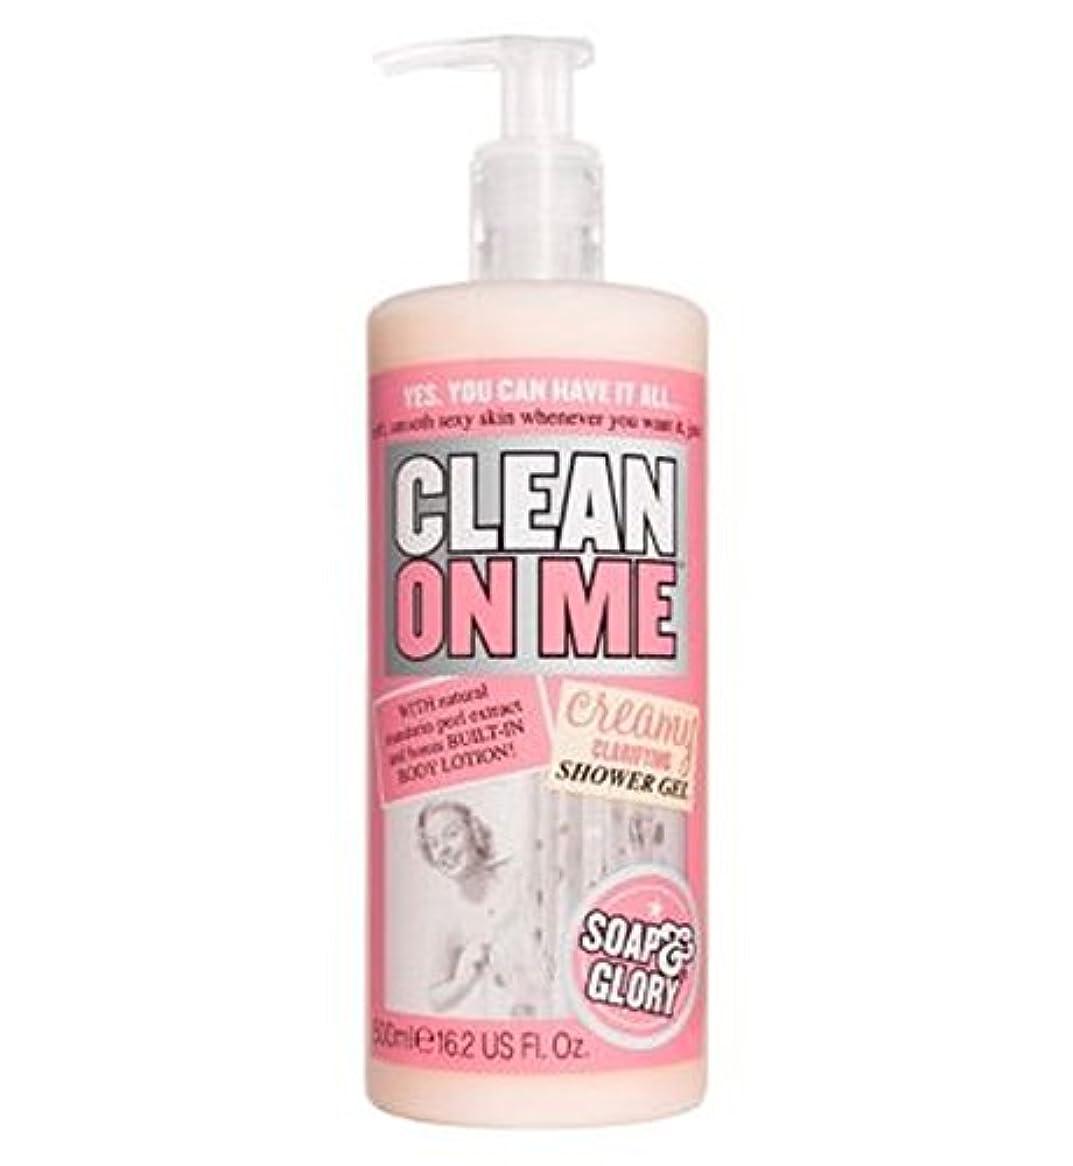 不明瞭スリチンモイシステム私にきれいな石鹸&栄光はシャワージェル500ミリリットルを明確にクリーミー (Soap & Glory) (x2) - Soap & Glory Clean On Me Creamy Clarifying Shower...